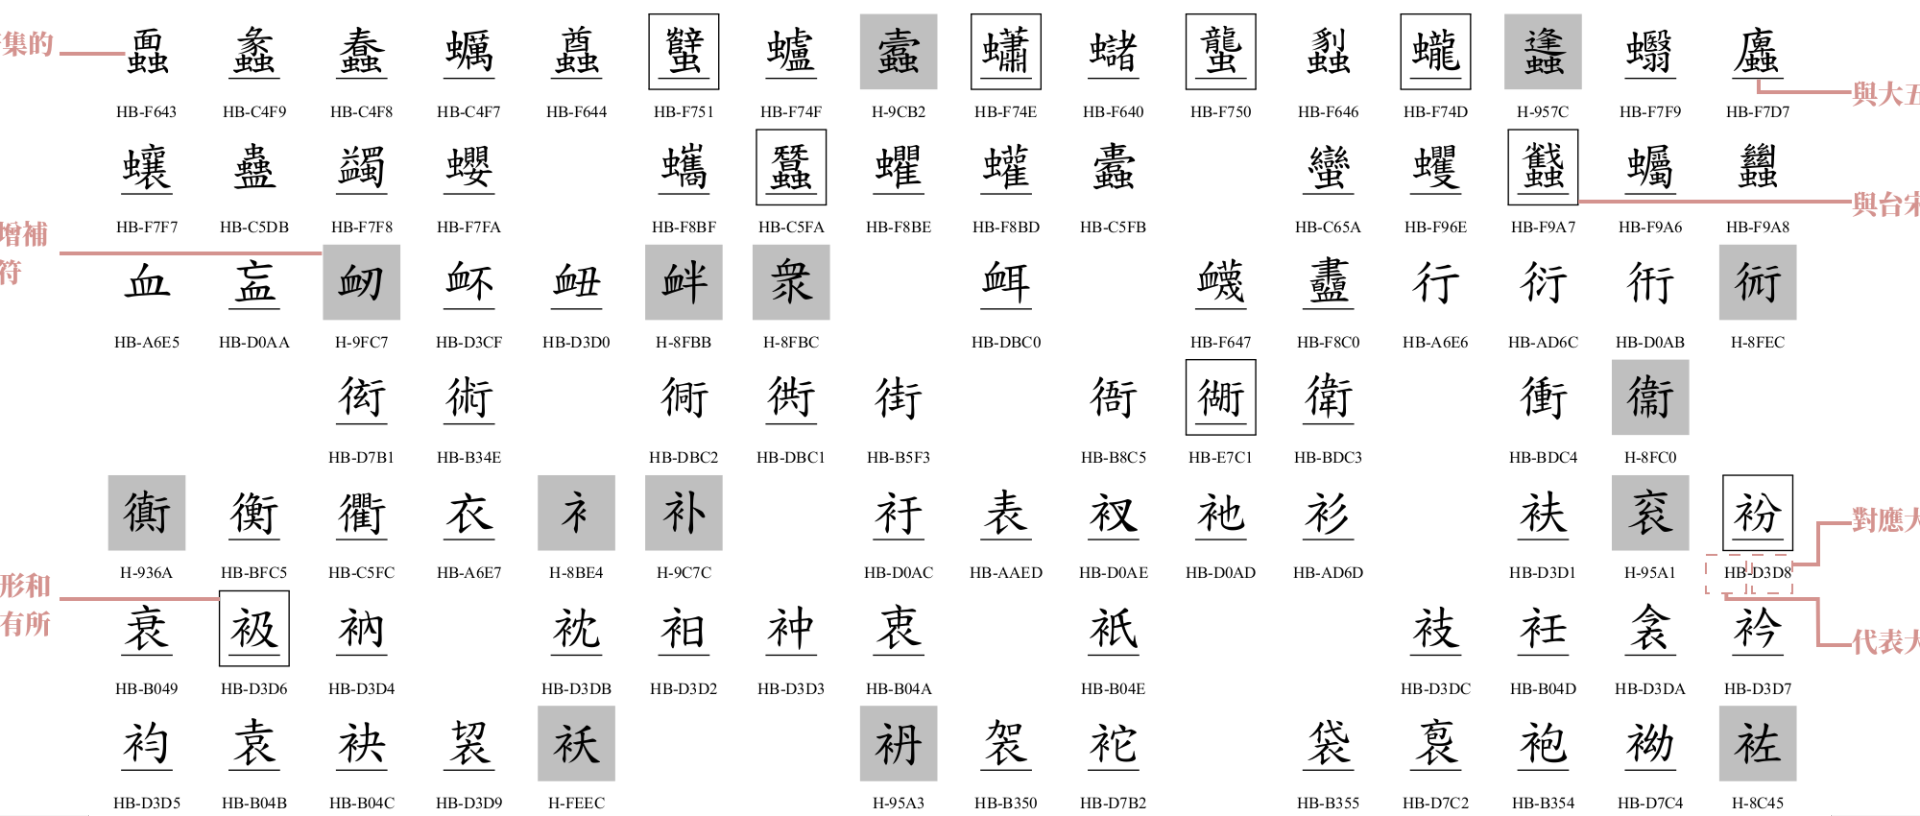 关于《香港电脑汉字参考字形》